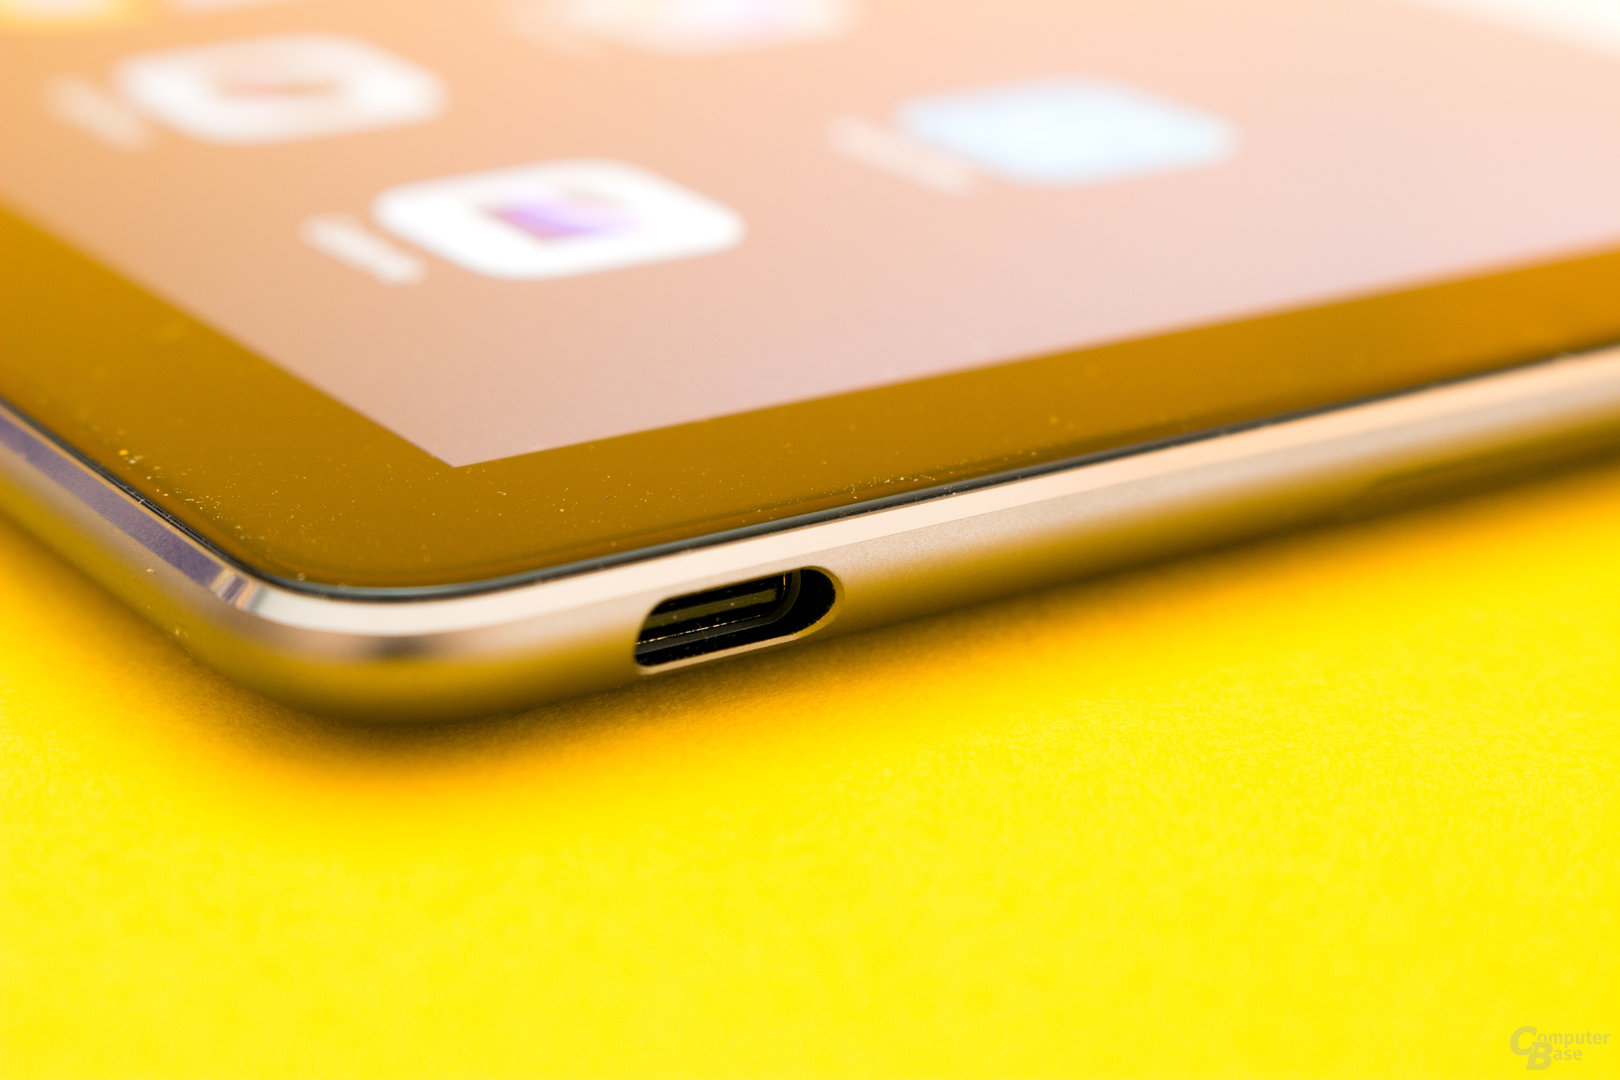 Der USB-2.0-C-Port dient gleichzeitig als Kopfhöreranschluss